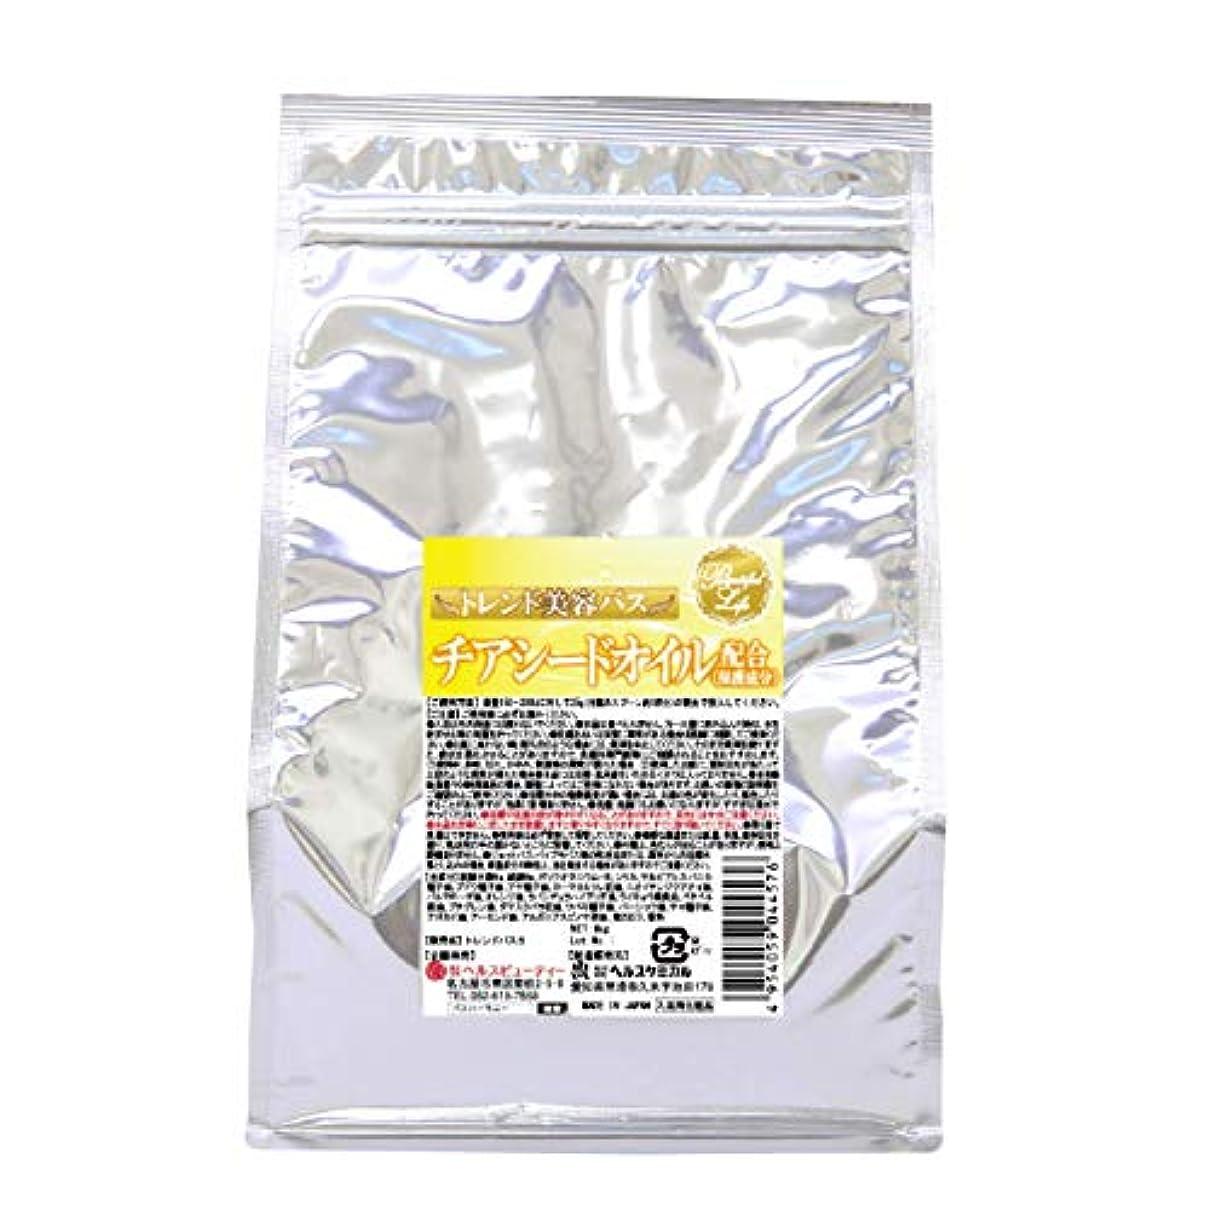 持つ抑圧するフック入浴剤 湯匠仕込 チアシードオイル配合 1kg 50回分 お徳用